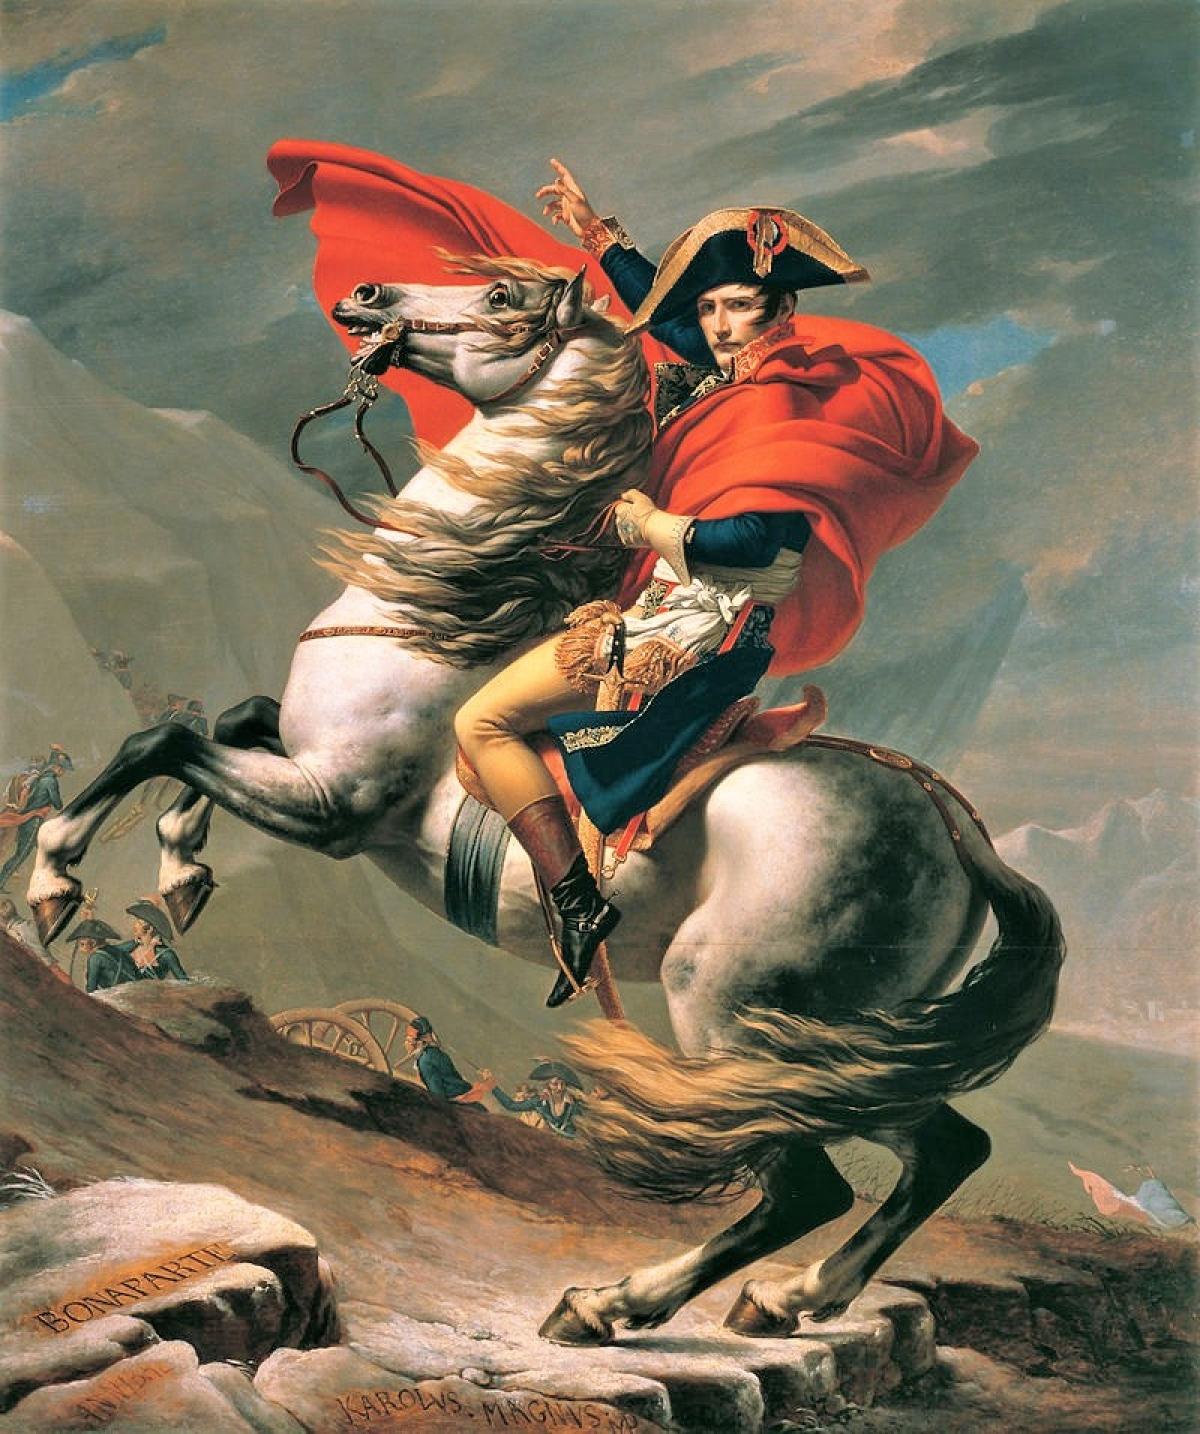 Bí ẩn 200 năm chưa được khám phá: Có phải Napoleon đã bị đầu độc? - Ảnh 2.